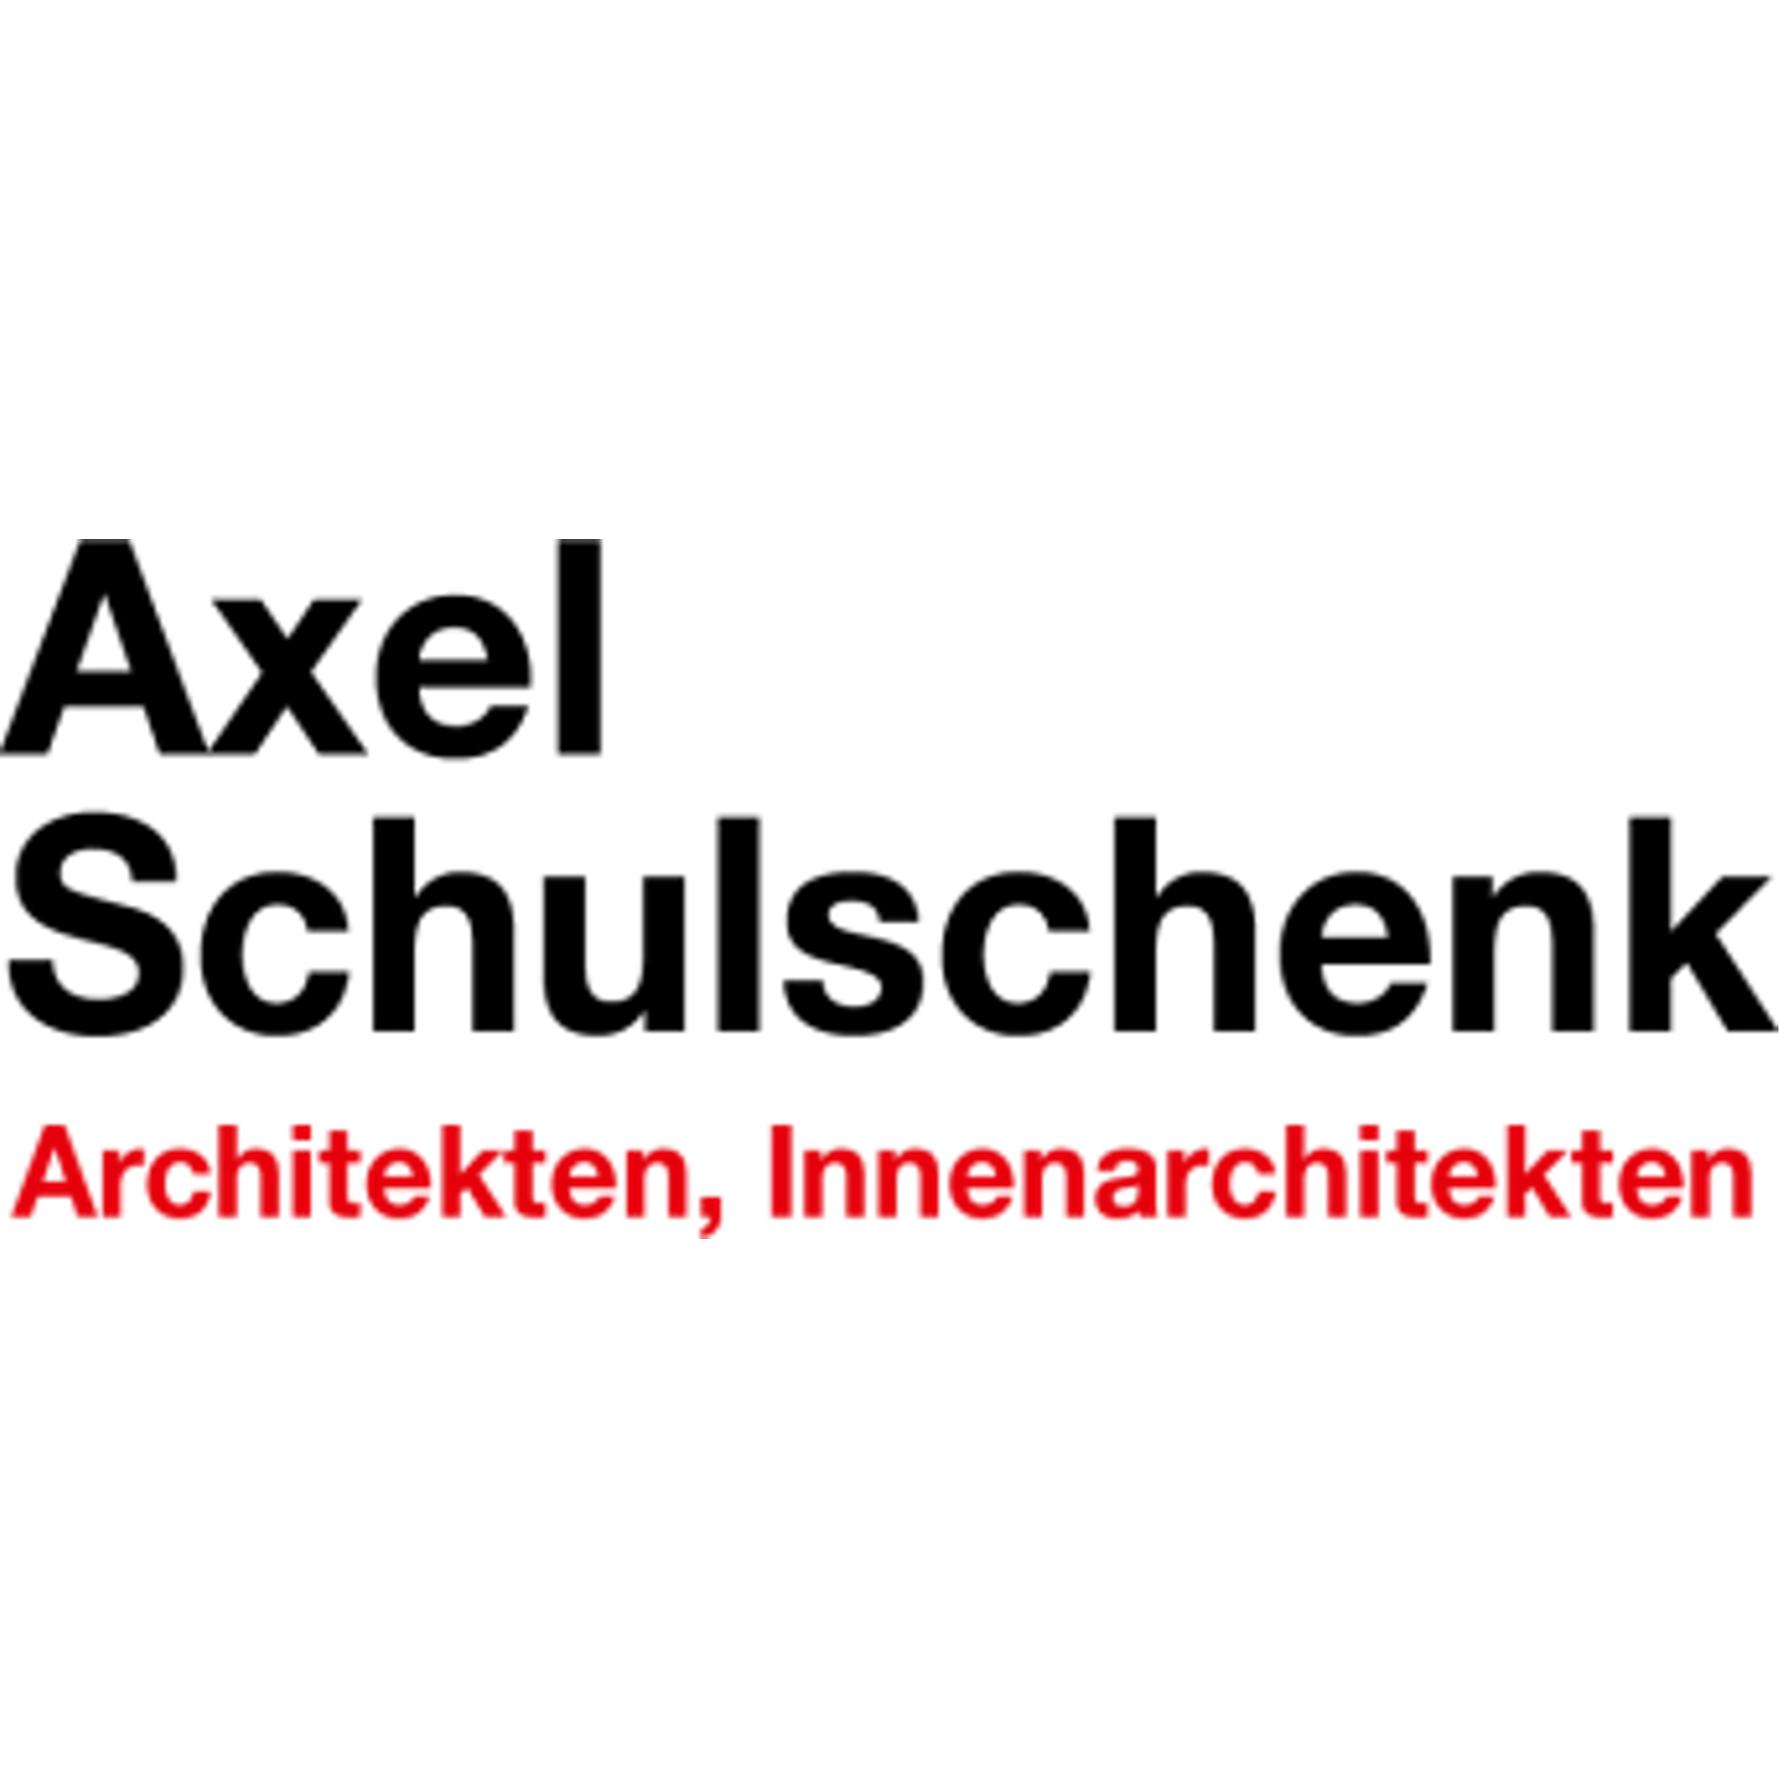 Axel Schulschenk Architekt